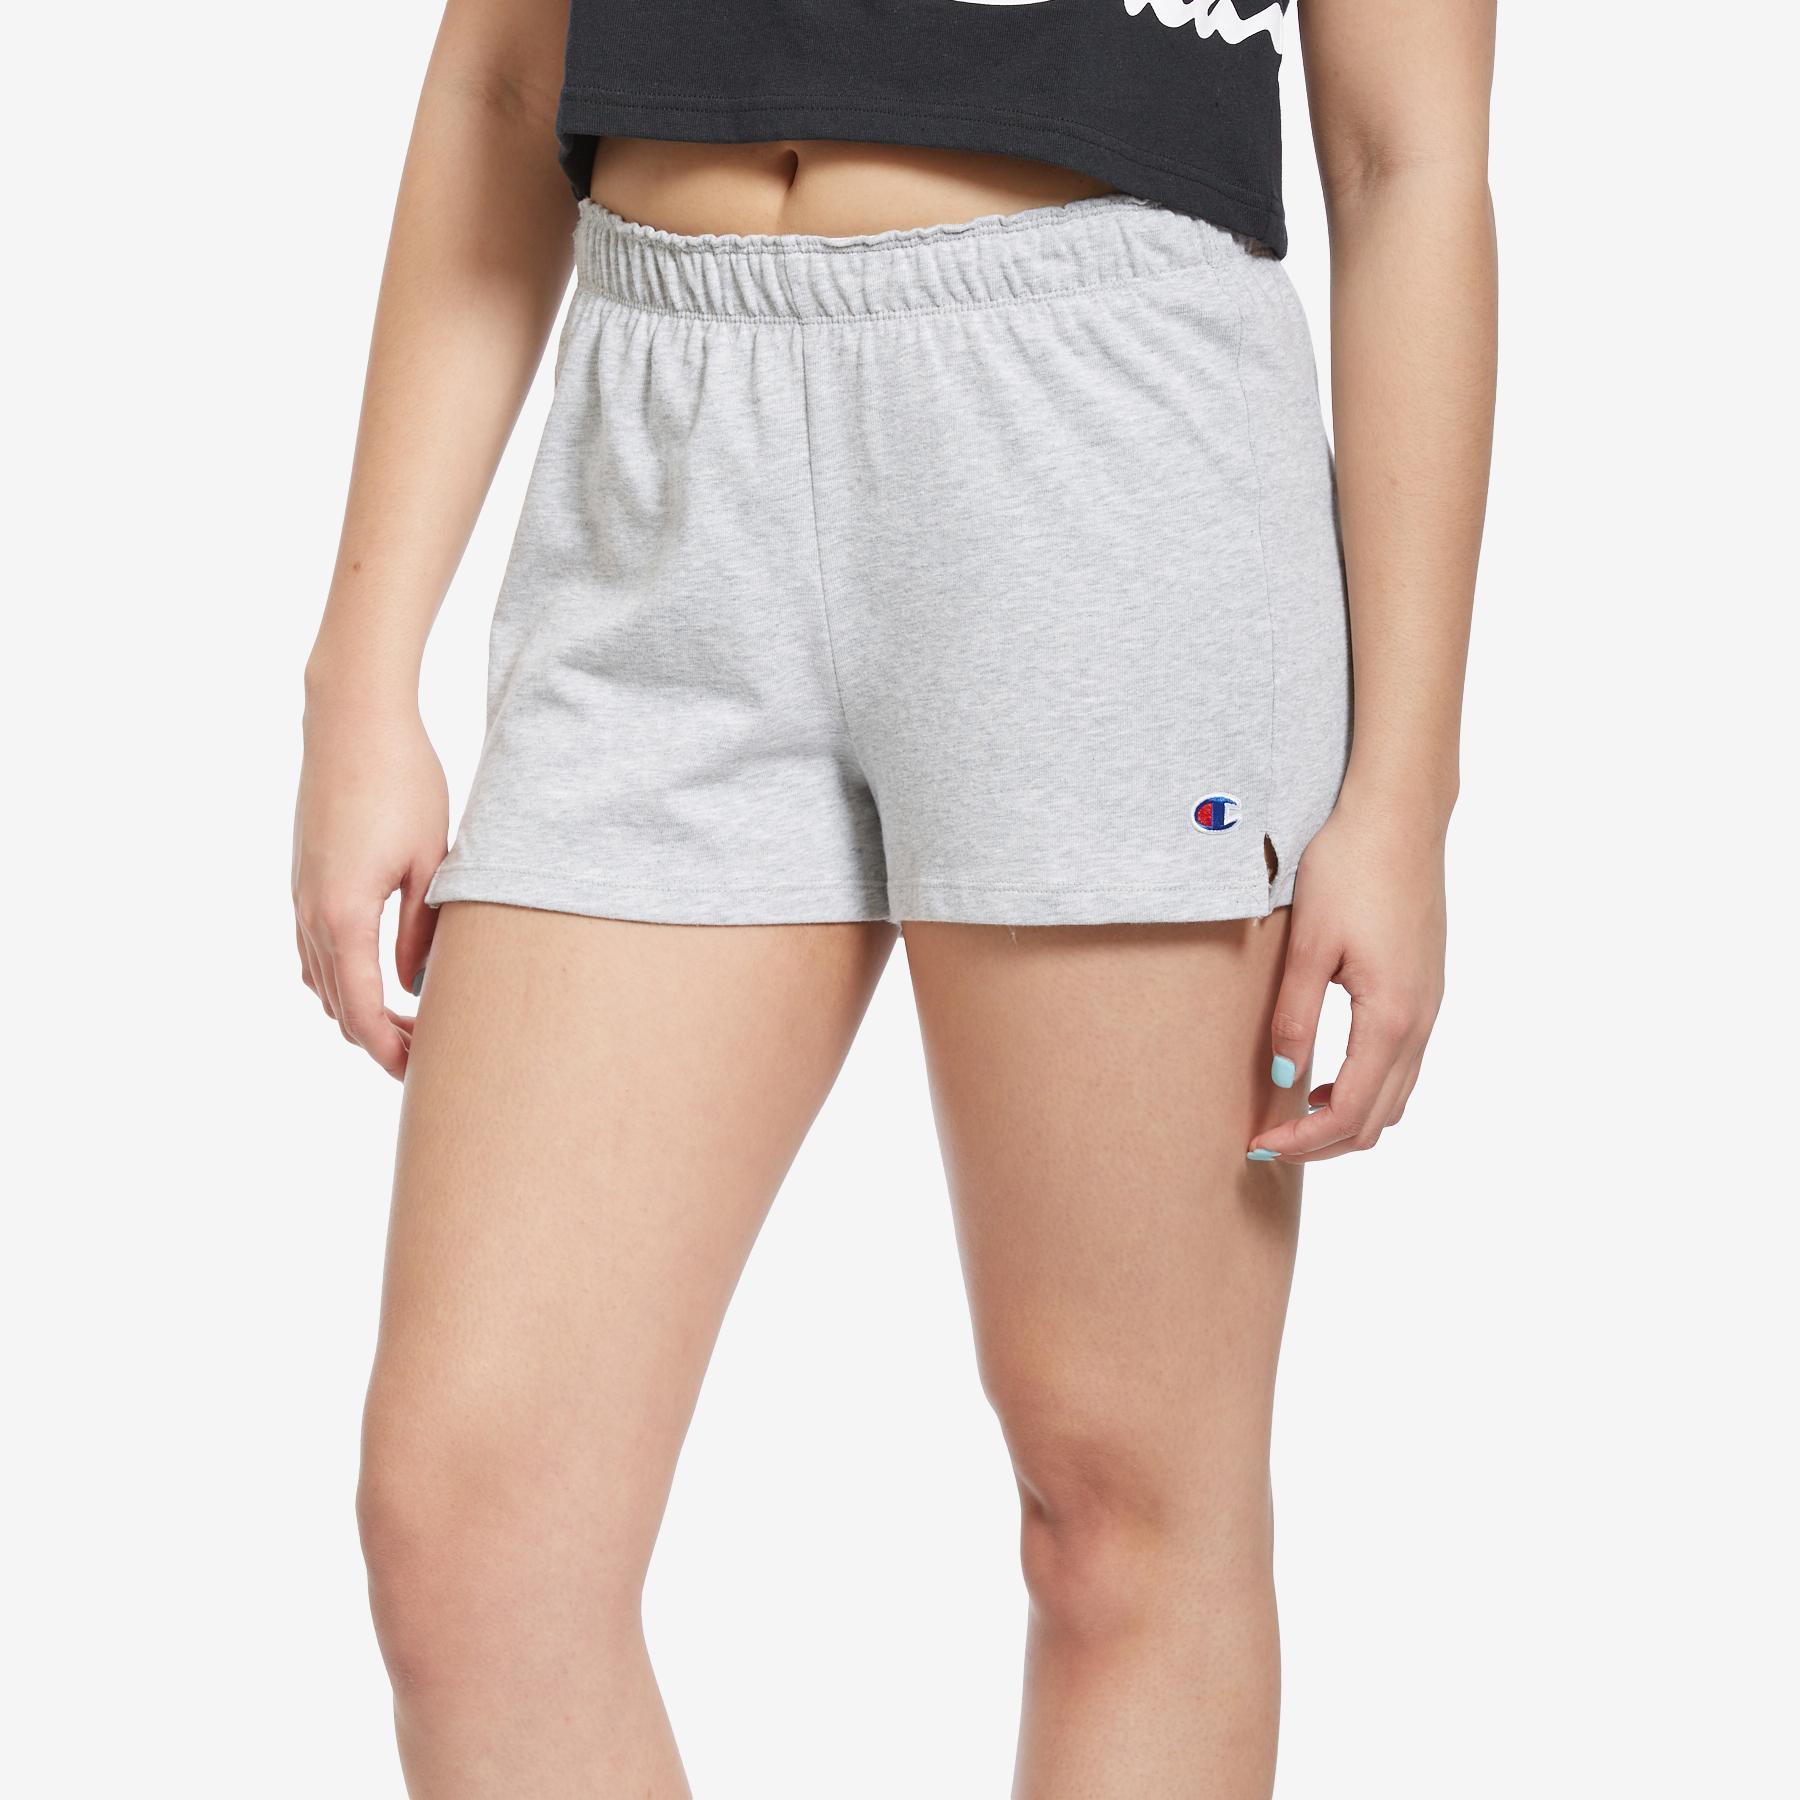 Women's Practice Shorts